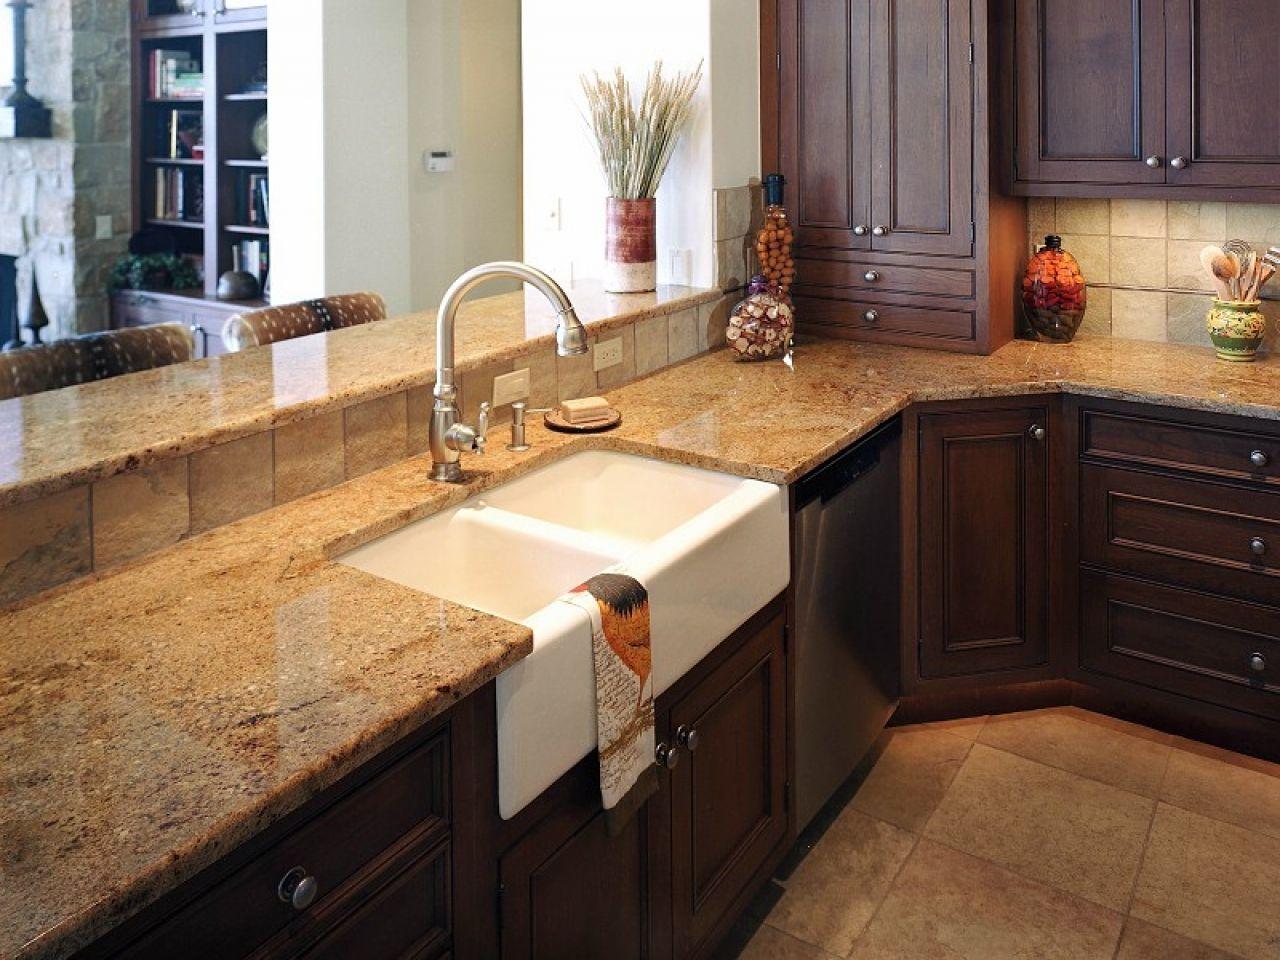 Kuche Stein Arbeitsplatten Kuchen Granitarbeitsplatten Granit Kuche Kuchendesign